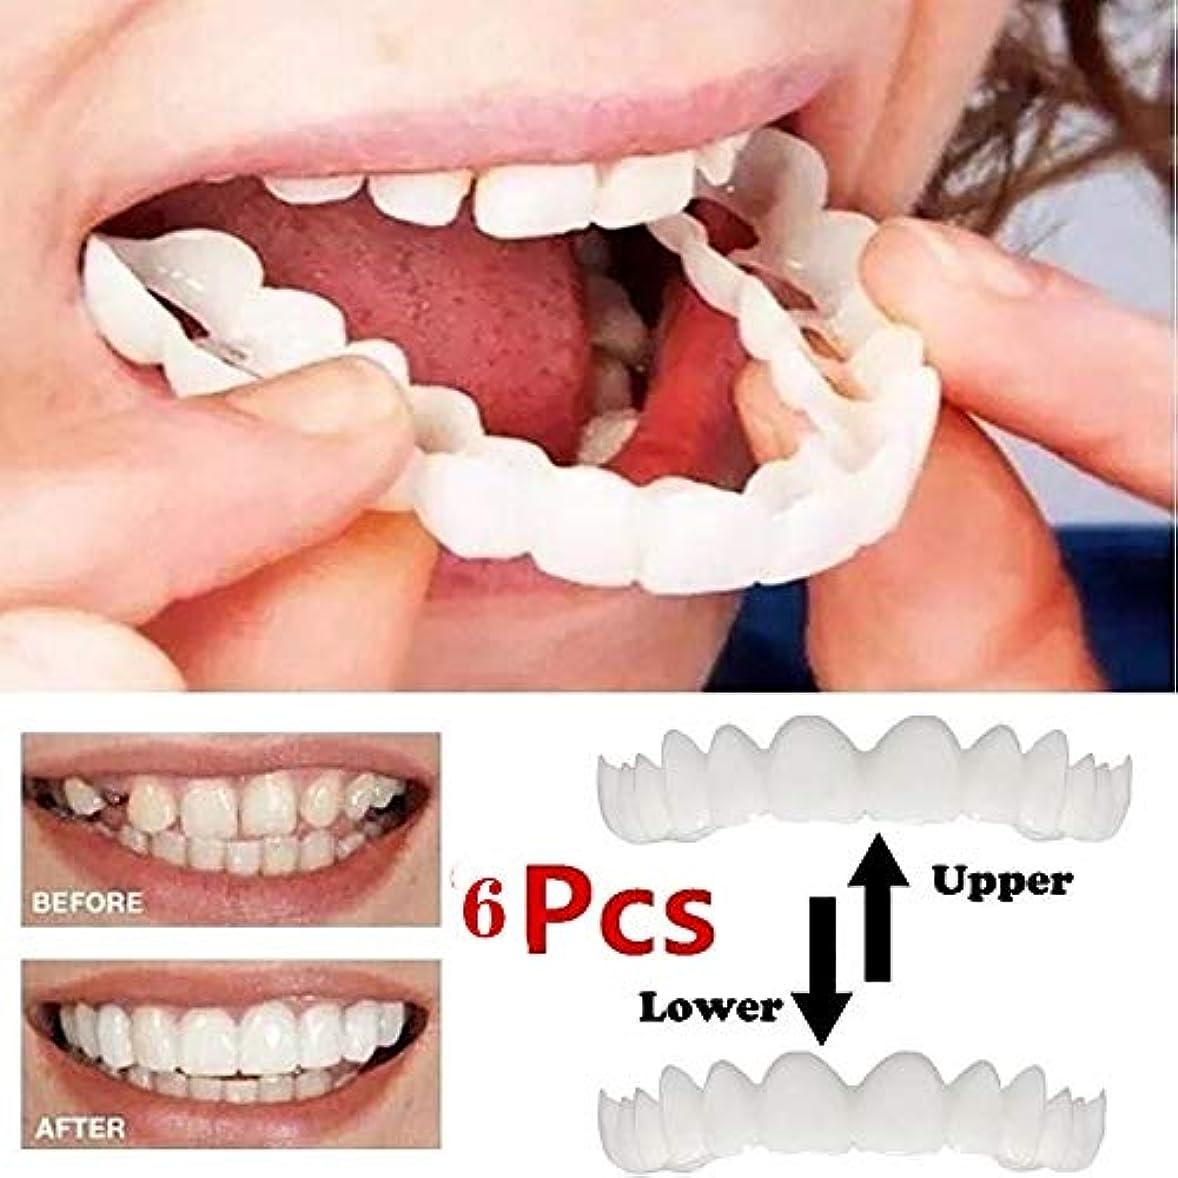 掘る推測背の高い最新のベニヤの歯、化粧品の歯3ペア - 一時的な笑顔の快適さフィットフレックス化粧品の歯、ワンサイズは最もフィットし、快適なトップとボトムベニア - 歯突き板